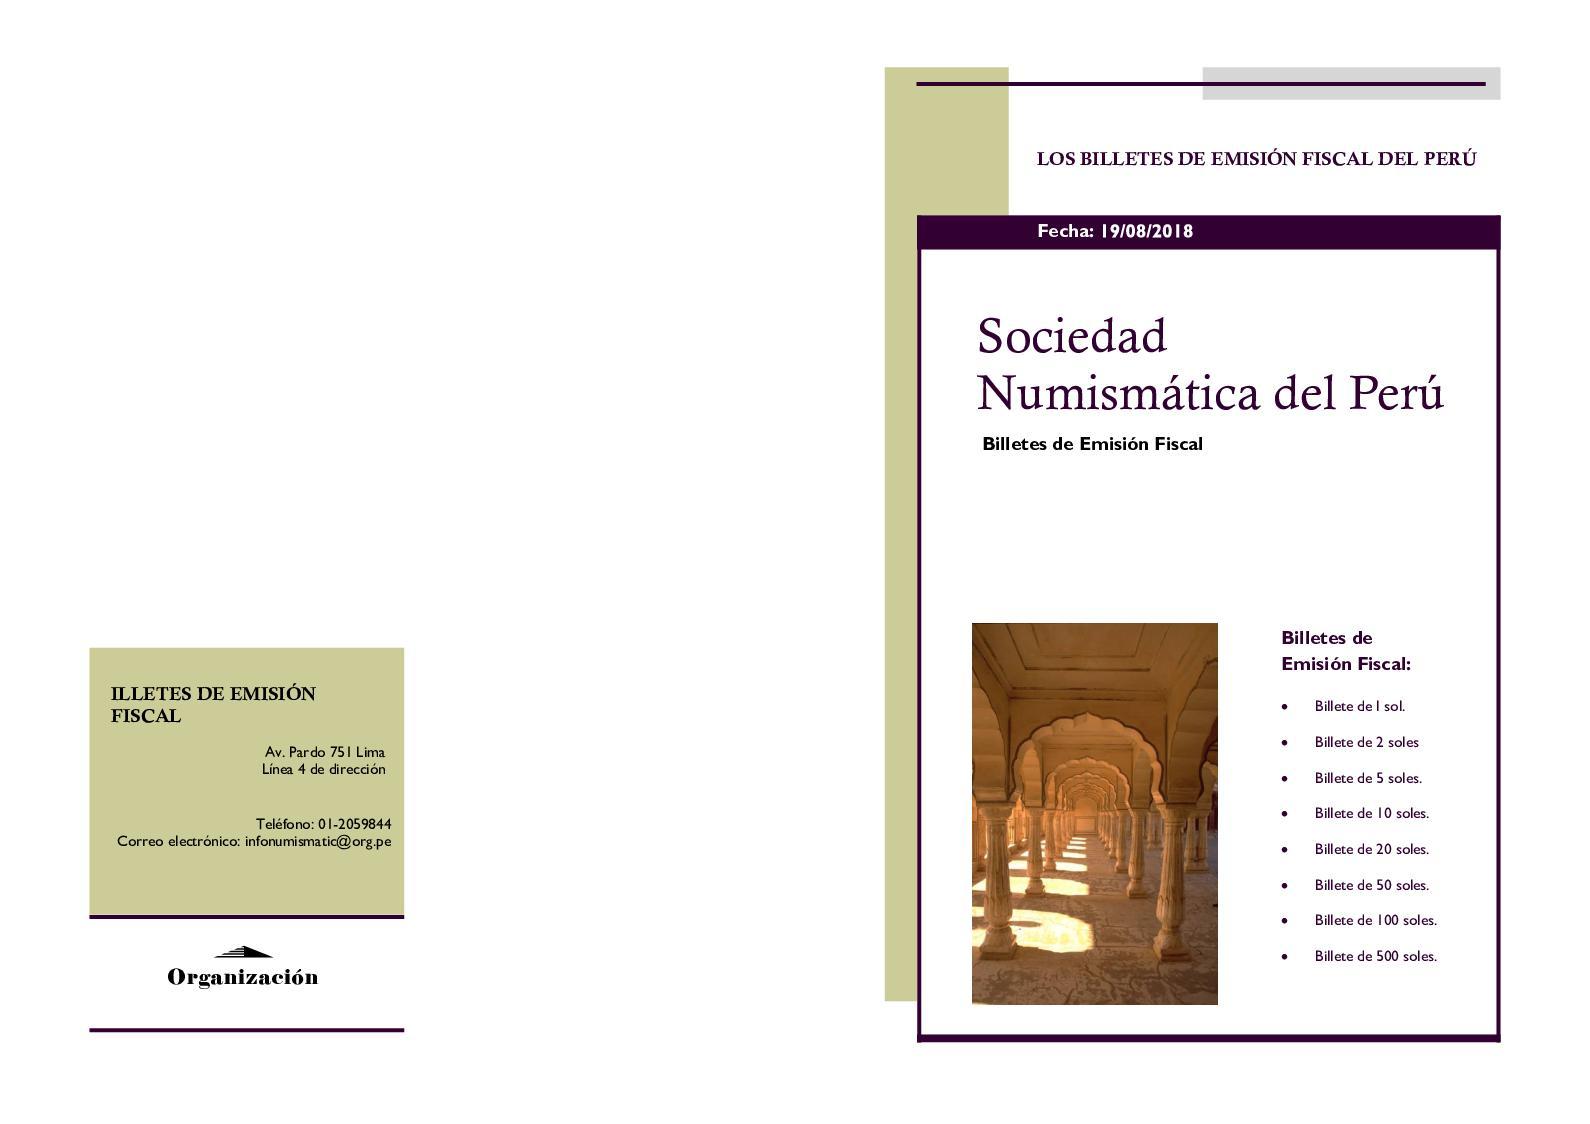 Sociedad Numismaticaperu